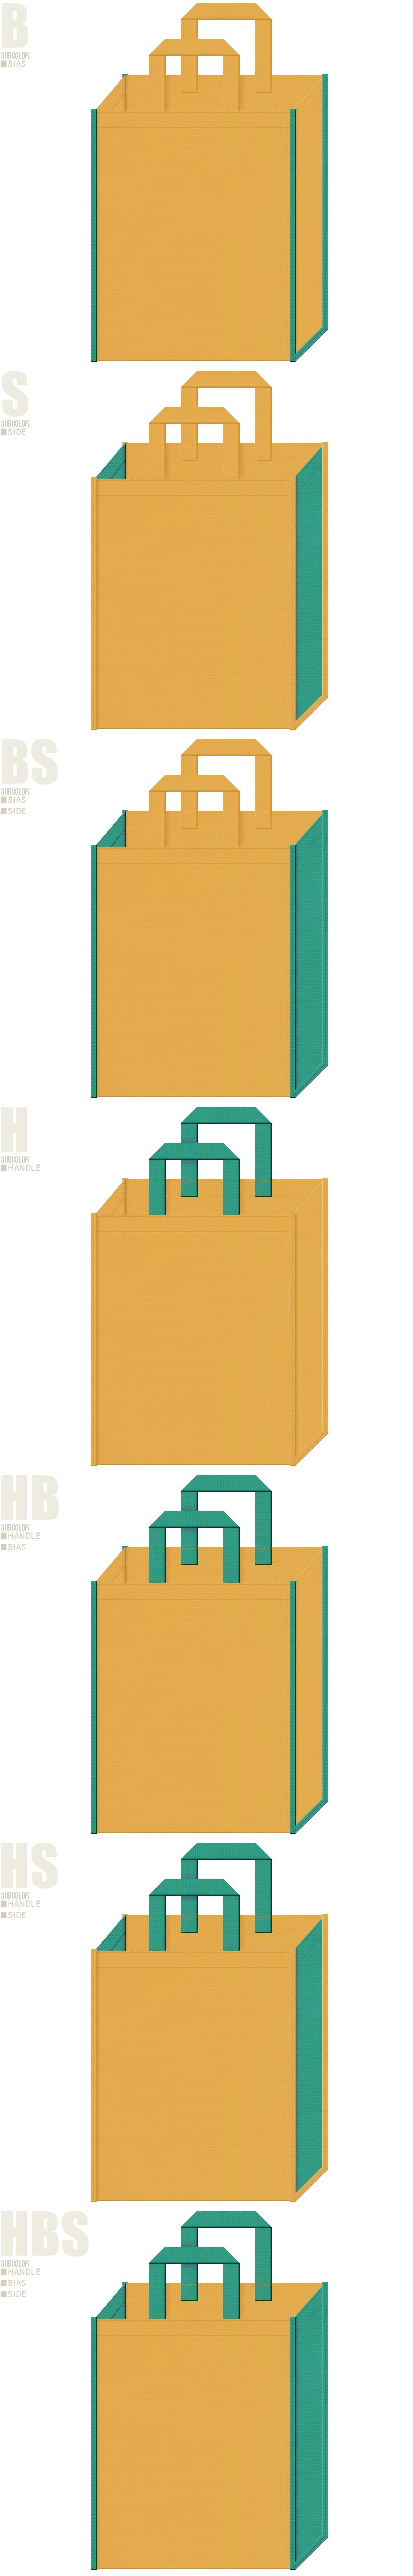 不織布バッグのデザイン:黄土色と青緑色の配色7パターン